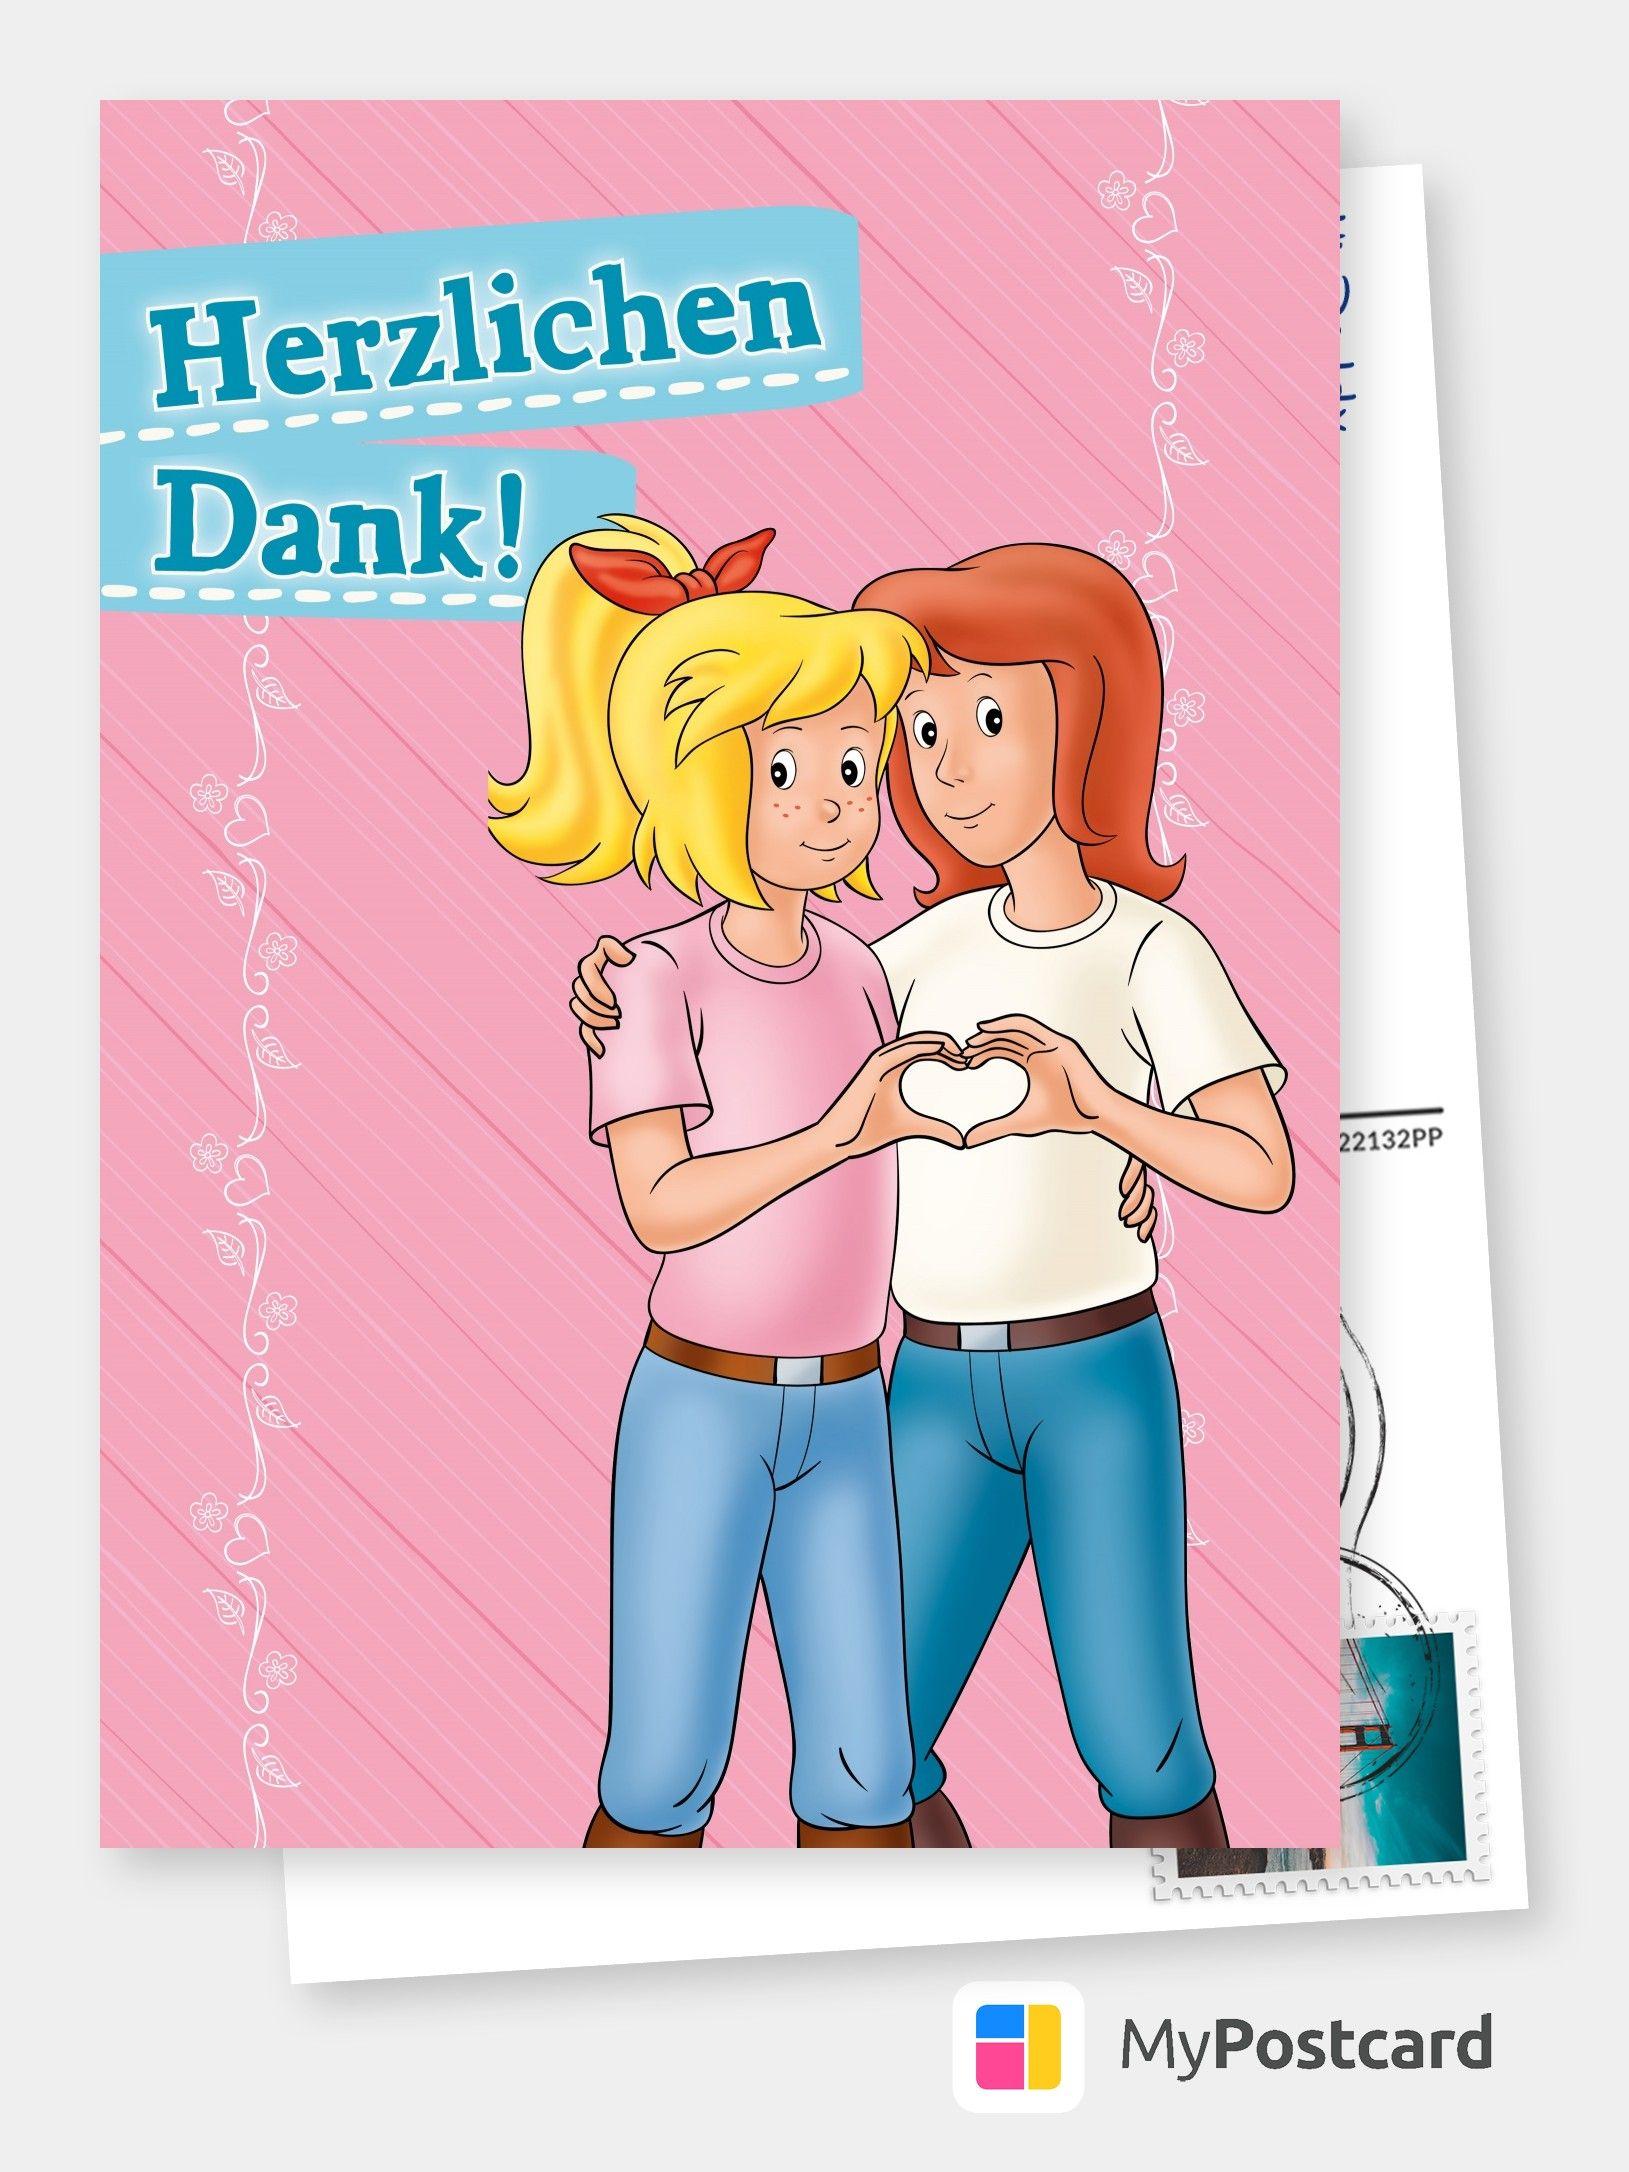 Bibi Tina Dankeskarte Film Musik Karten Echte Postkarten Online Versenden Dankeskarten Bibi Und Tina Danke Karte